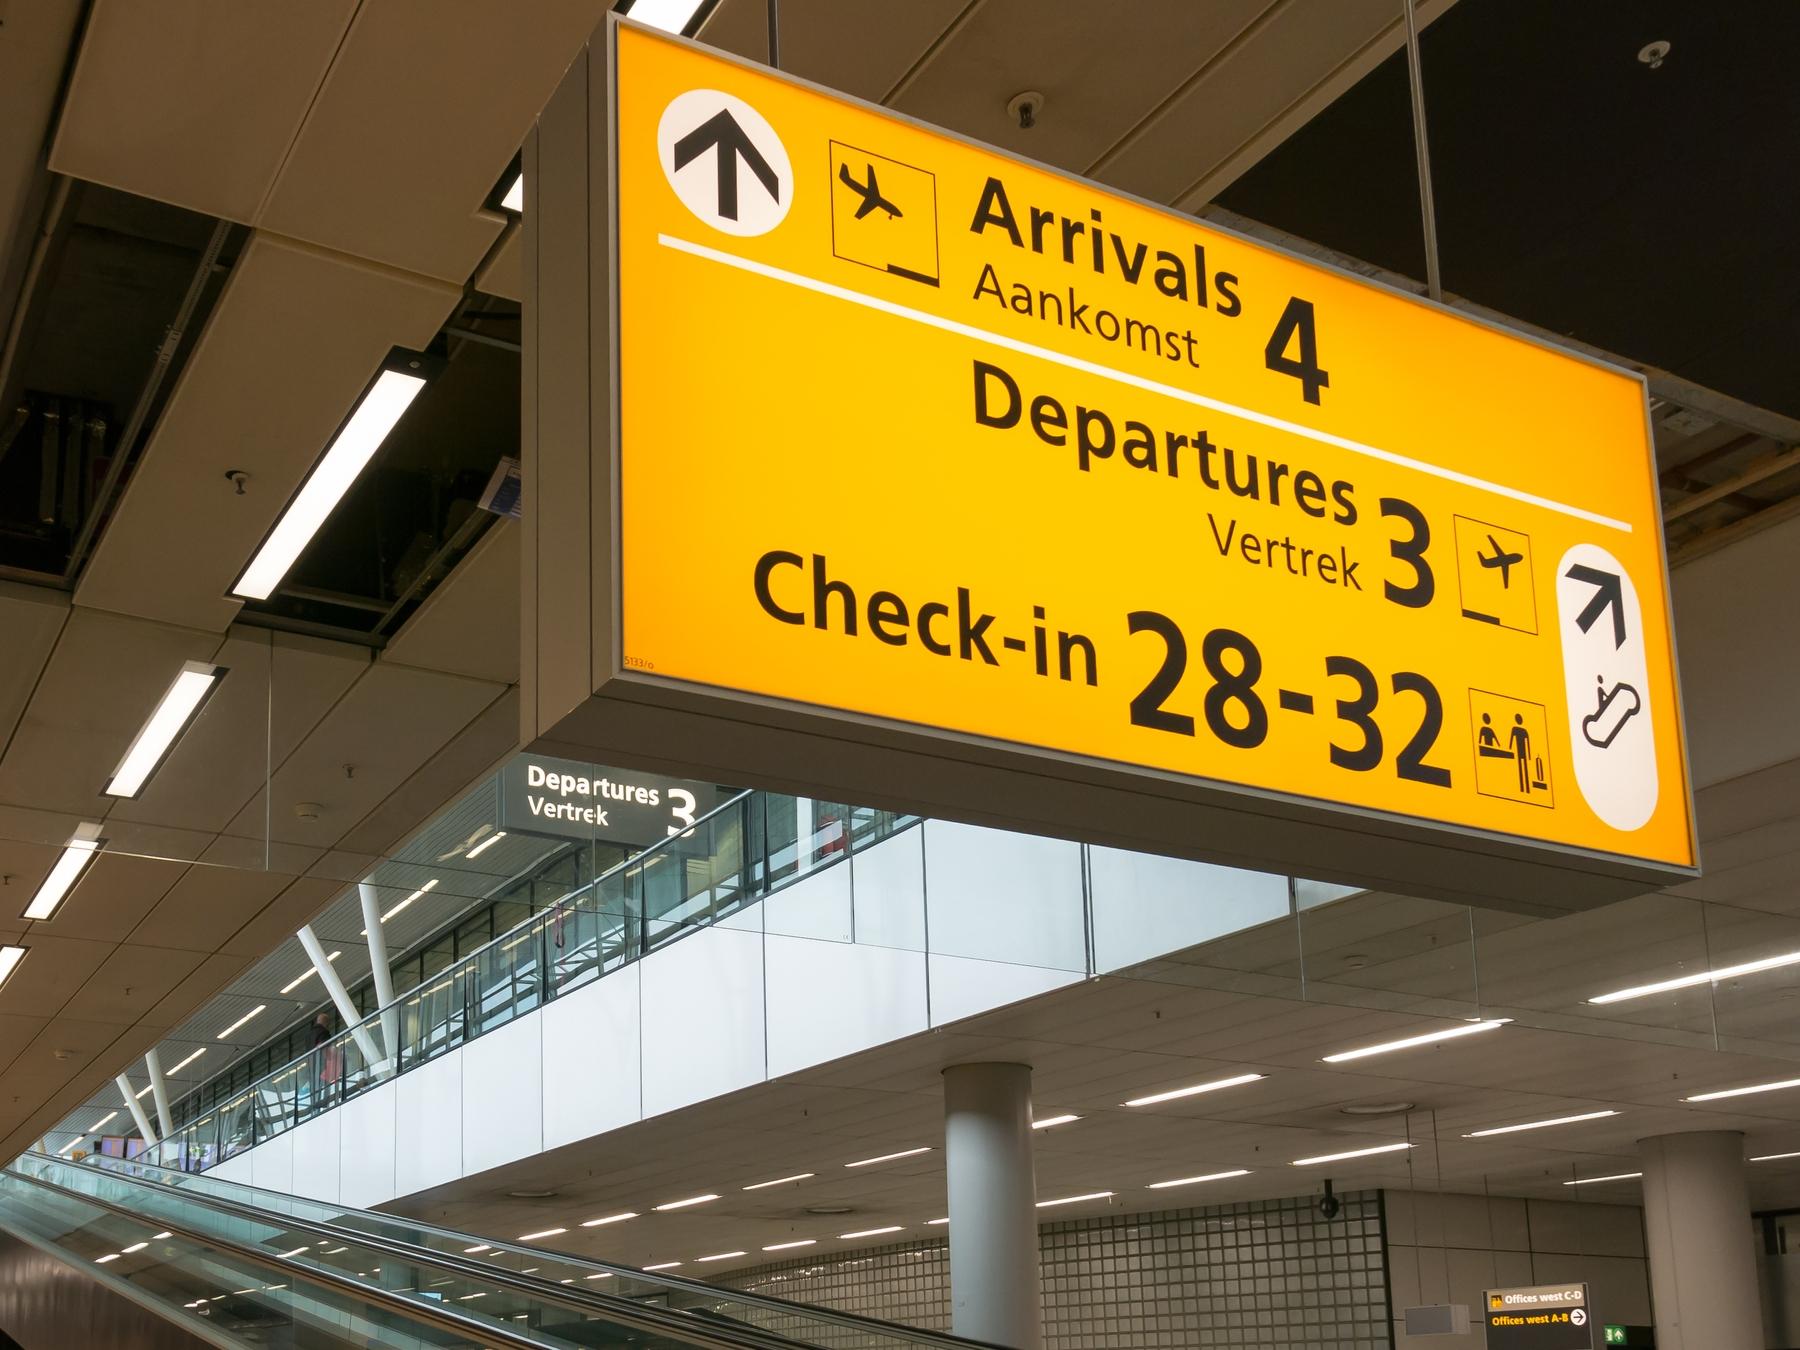 За сколько приезжать в аэропорт, чтобы регистрация на рейс прошла без проблем? Отвечает Скайсканер